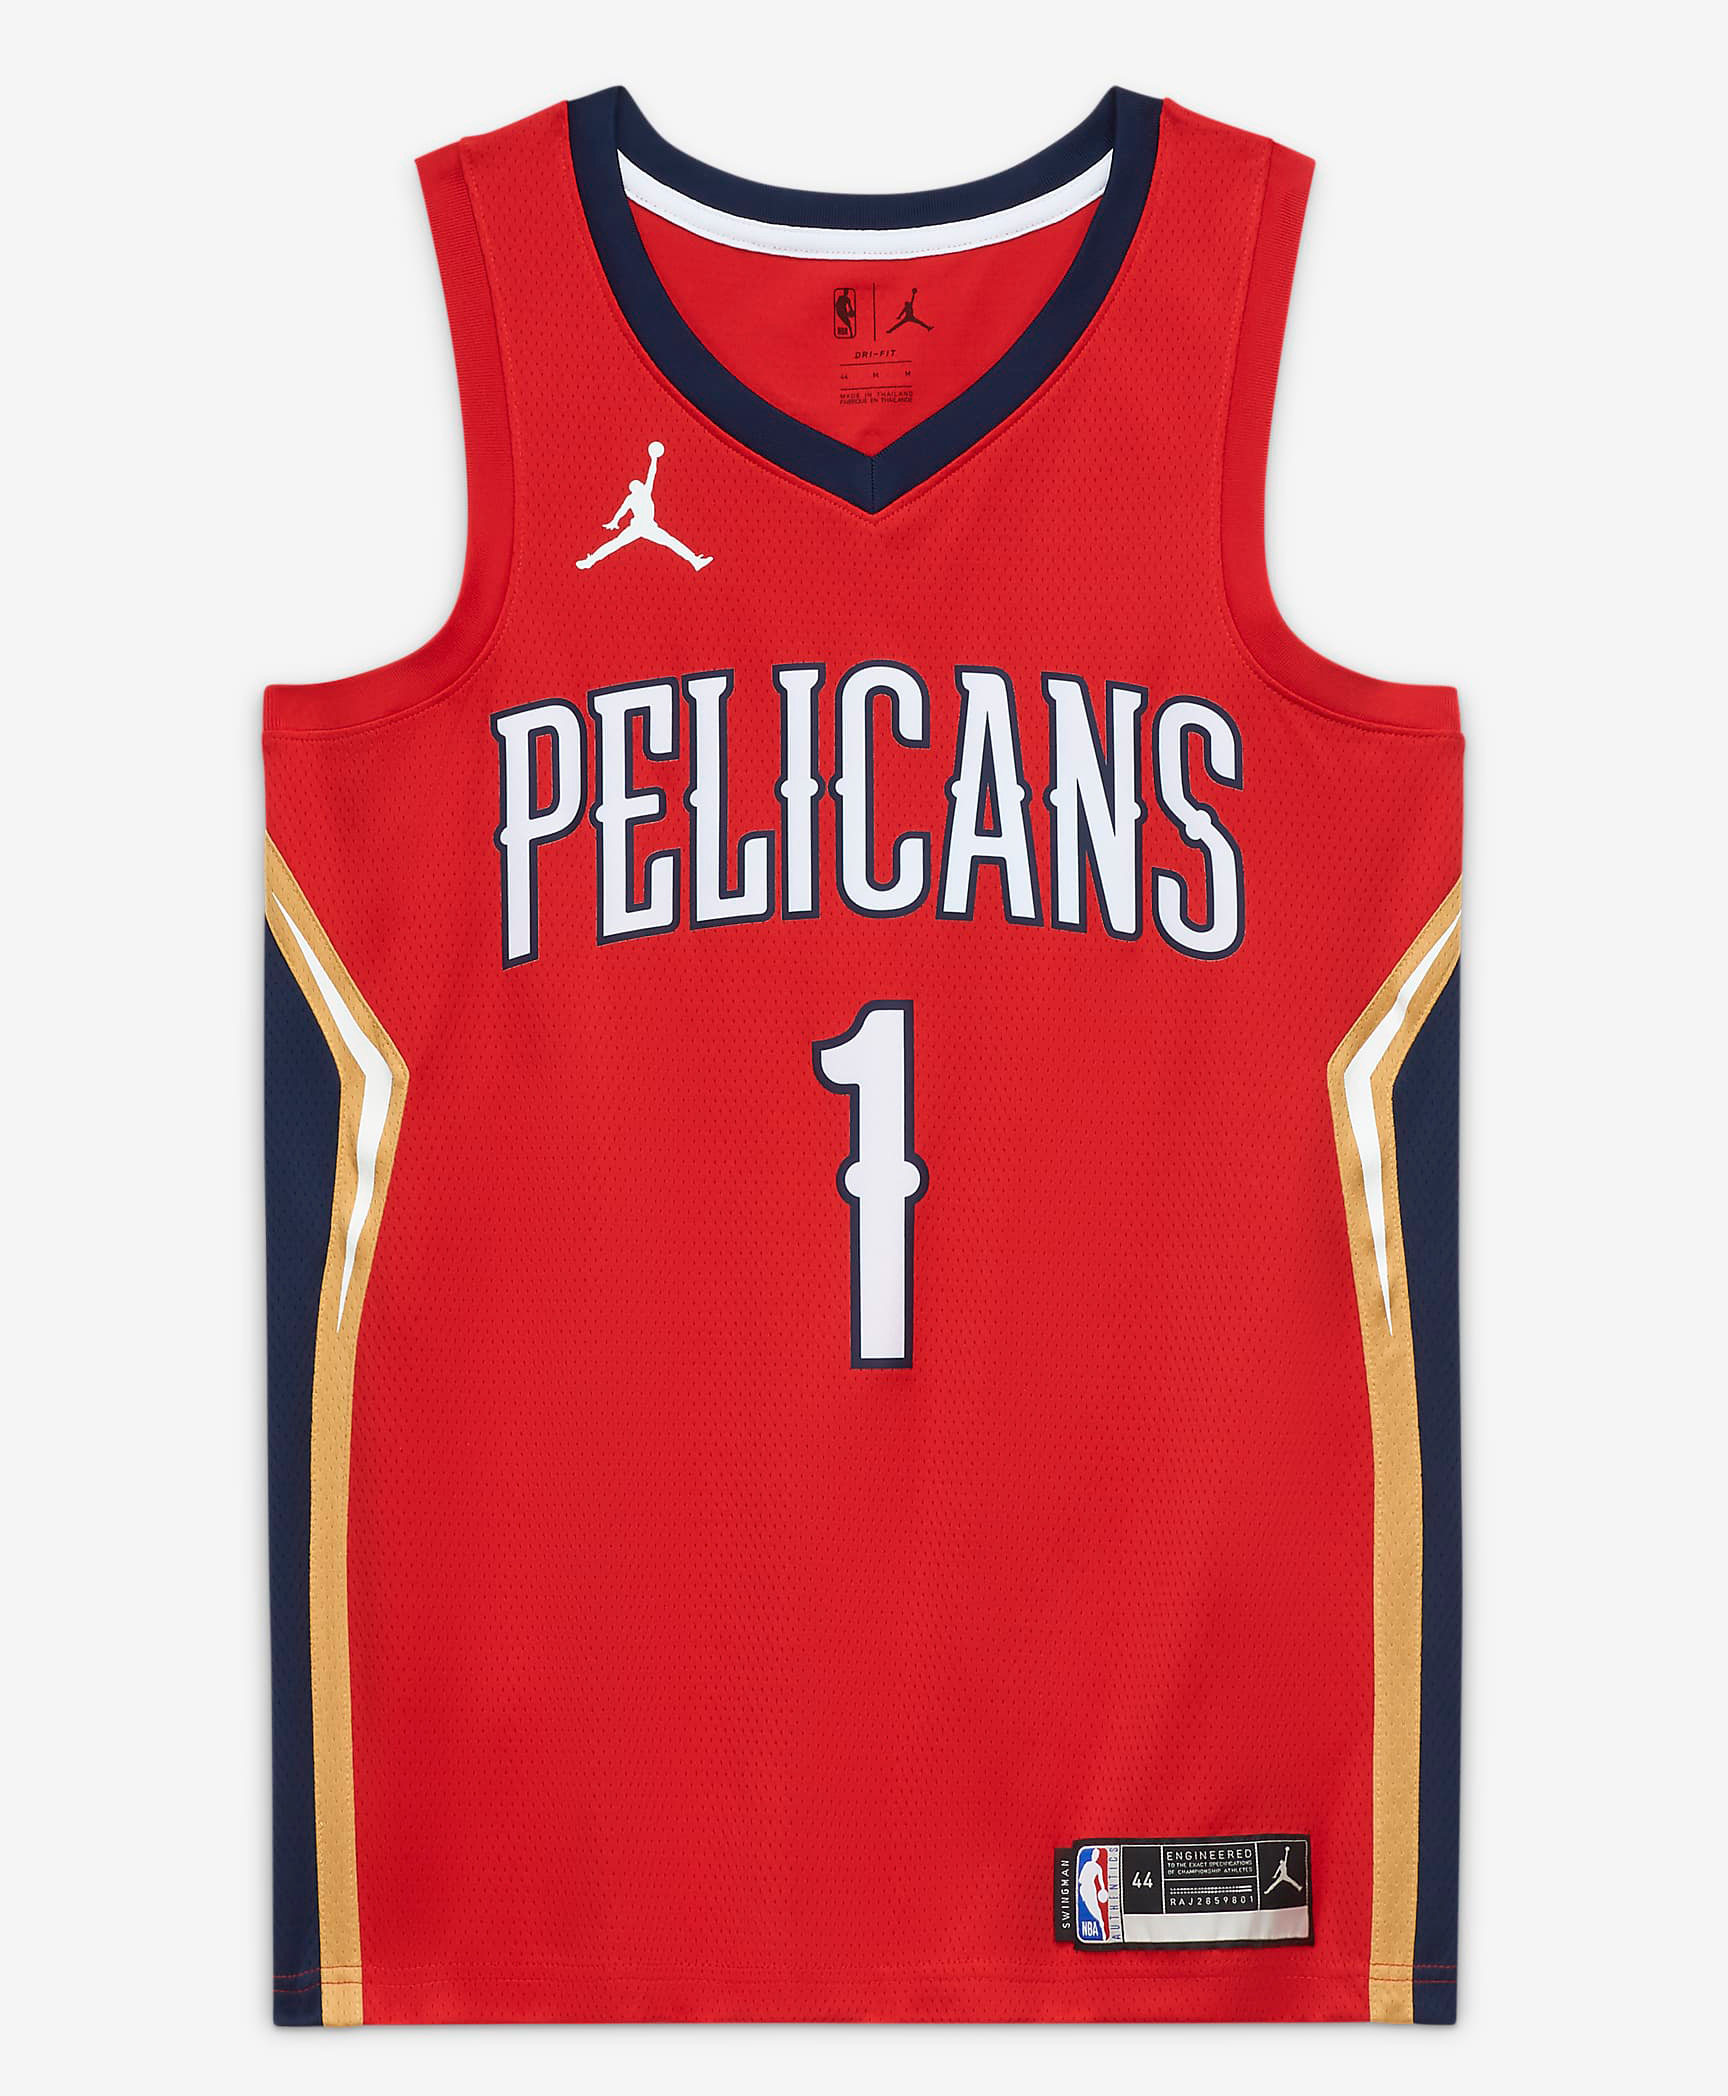 jordan-zion-williamson-pelicans-red-jersey-1